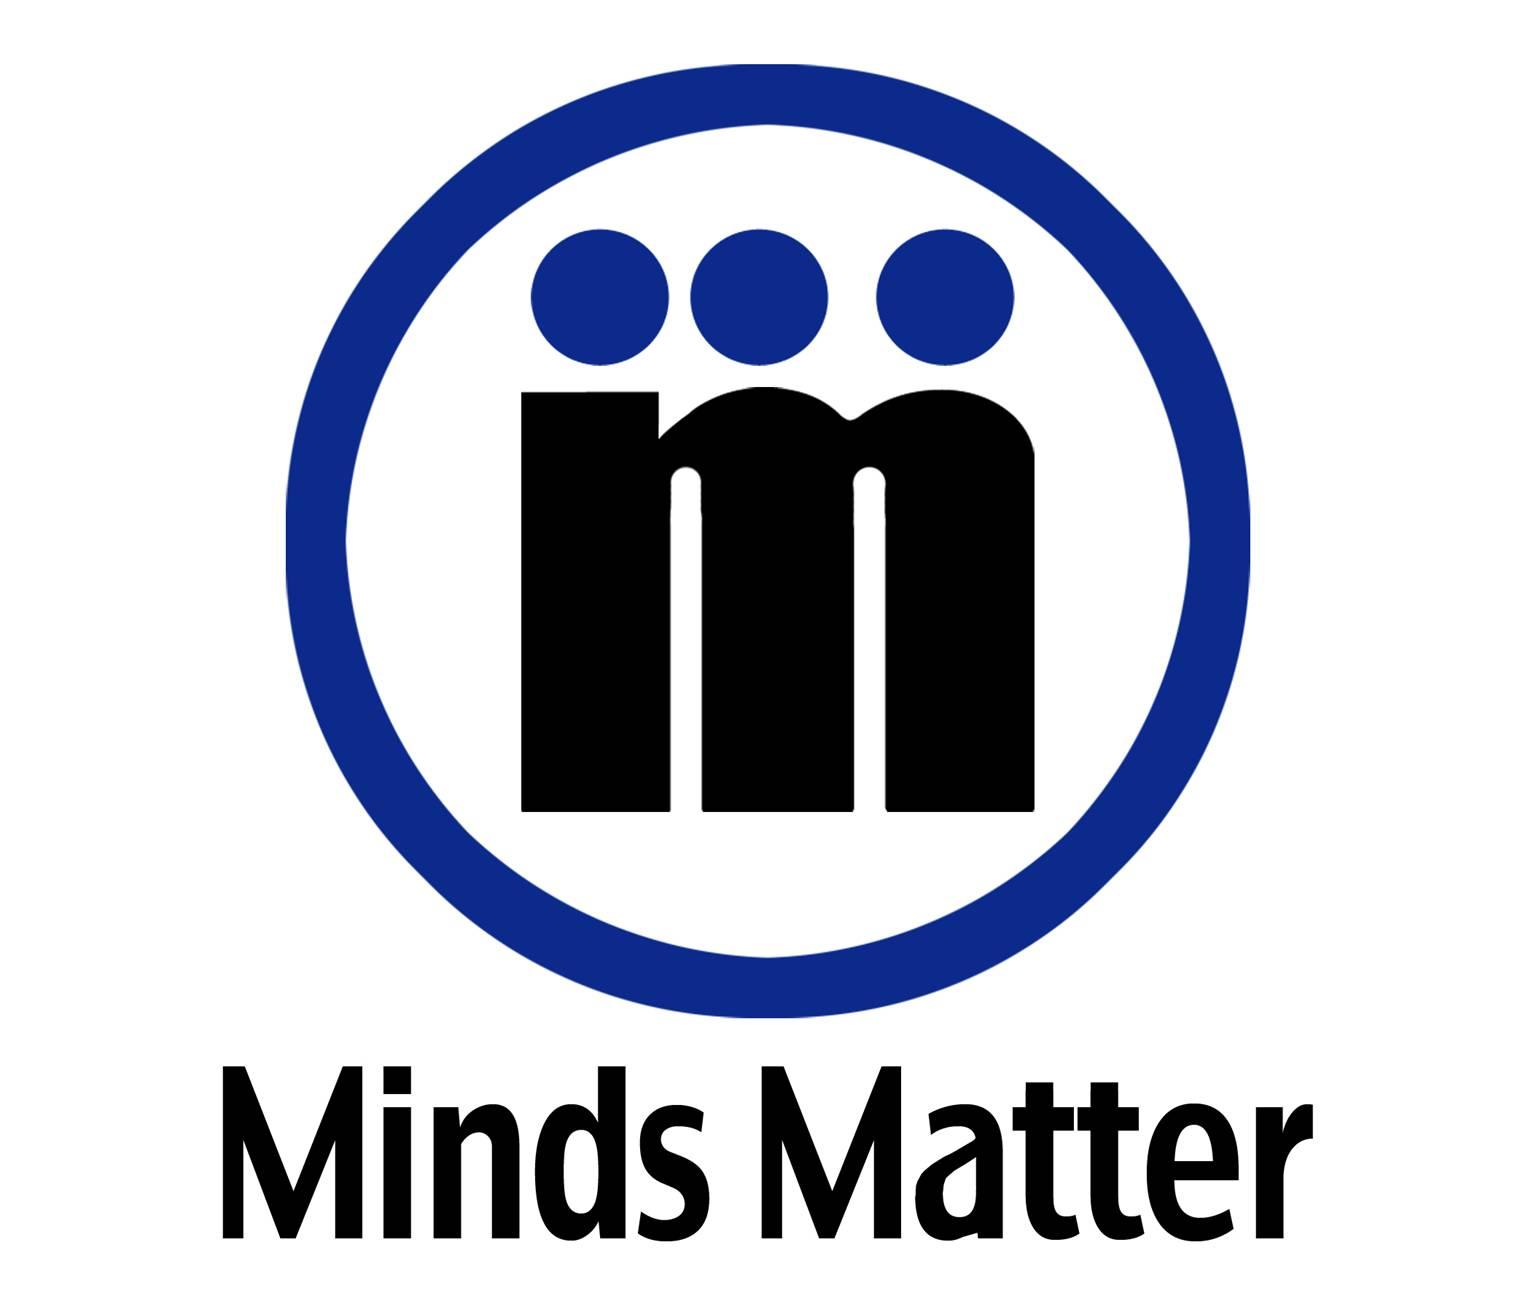 Minds Matter Logo.jpg